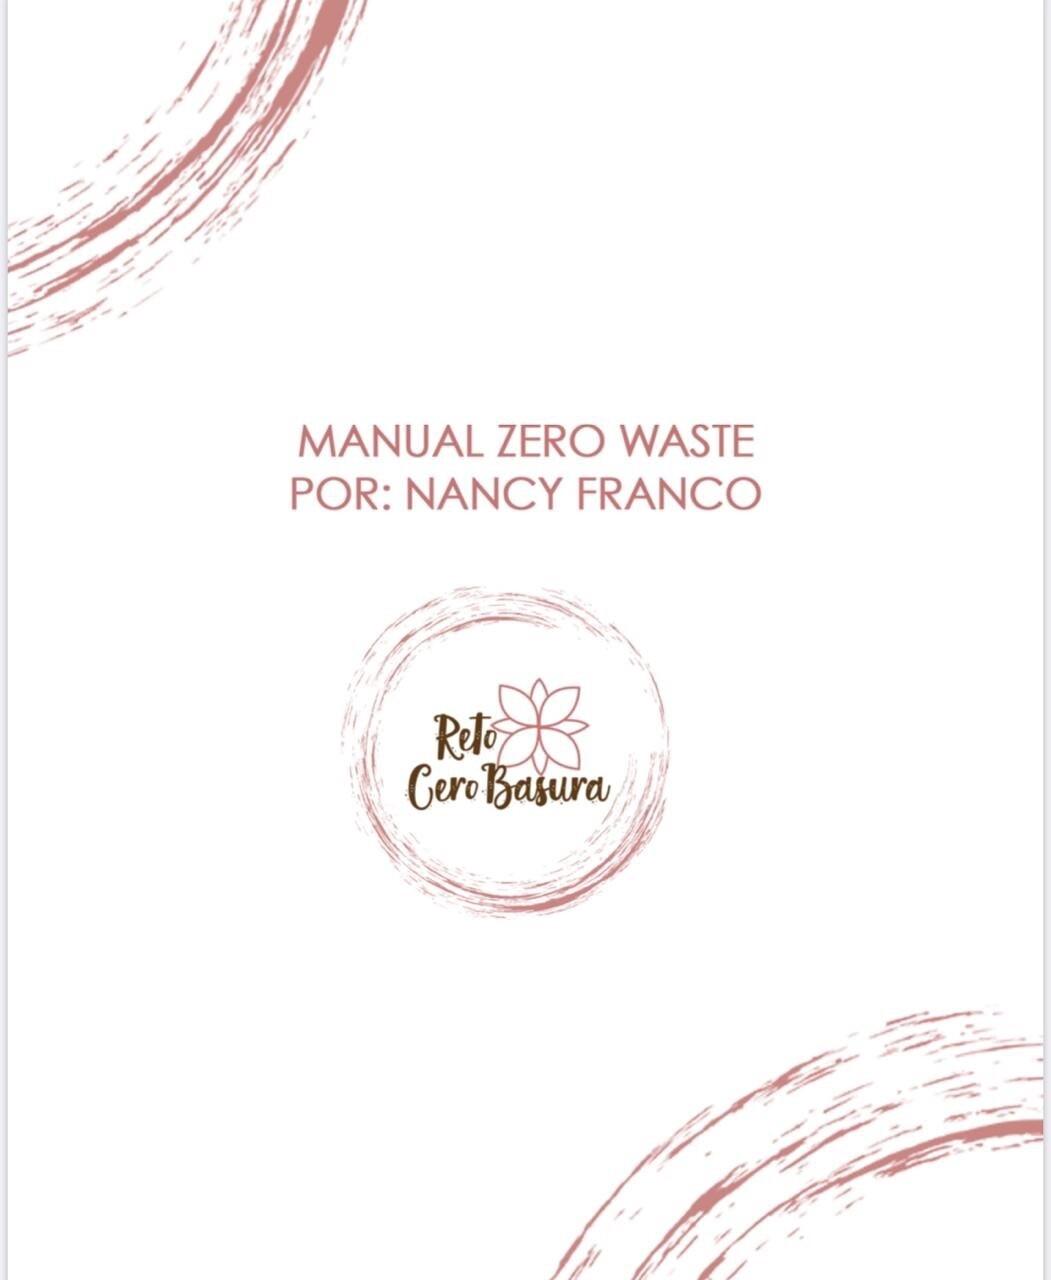 Manual Zero Waste por Nancy Franco